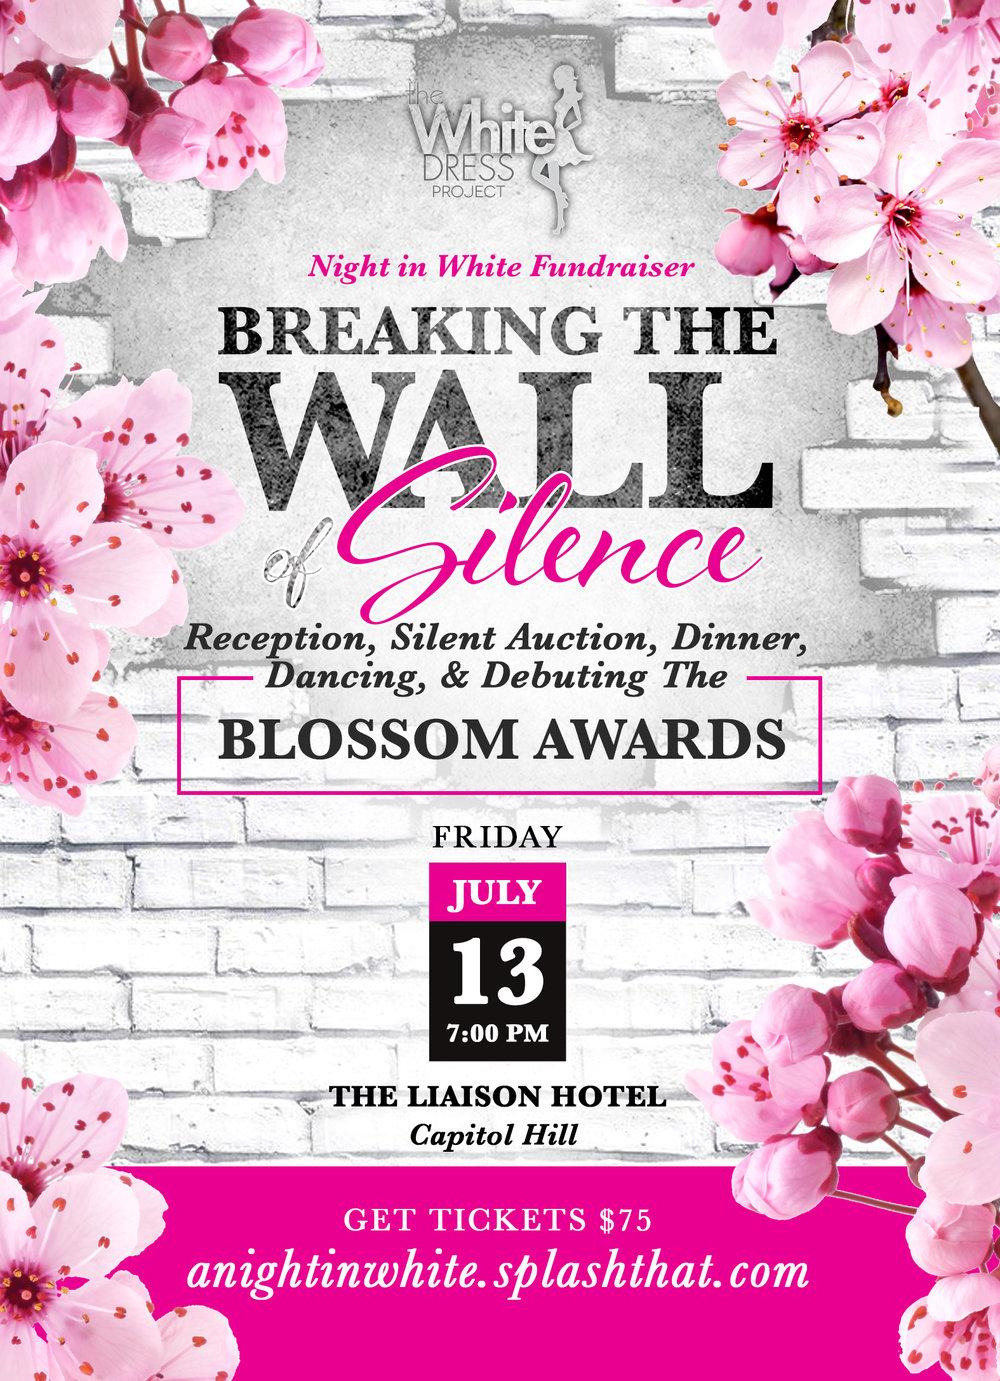 Blossom AwardsEvent-Invitation-5x7 (1) (1) (1).jpg